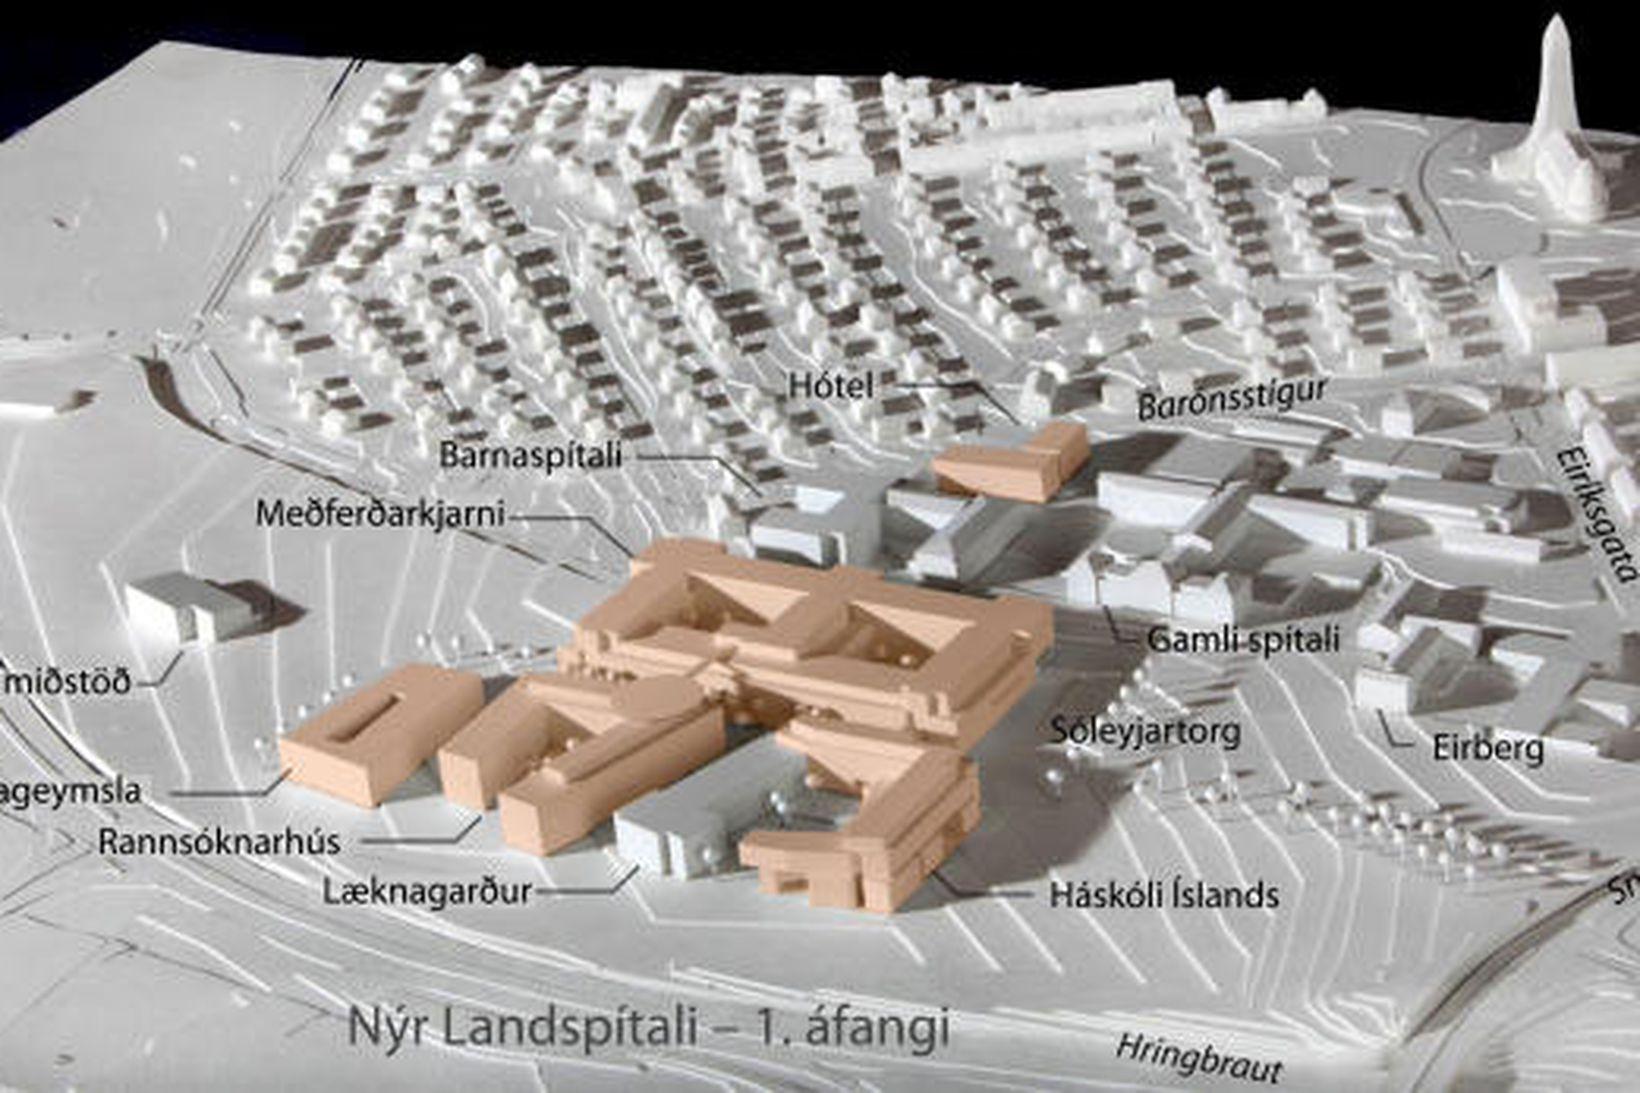 Vinningstillaga SPITAL, módelmynd af 1. áfanga Nýs Landspítala við Hringbraut.